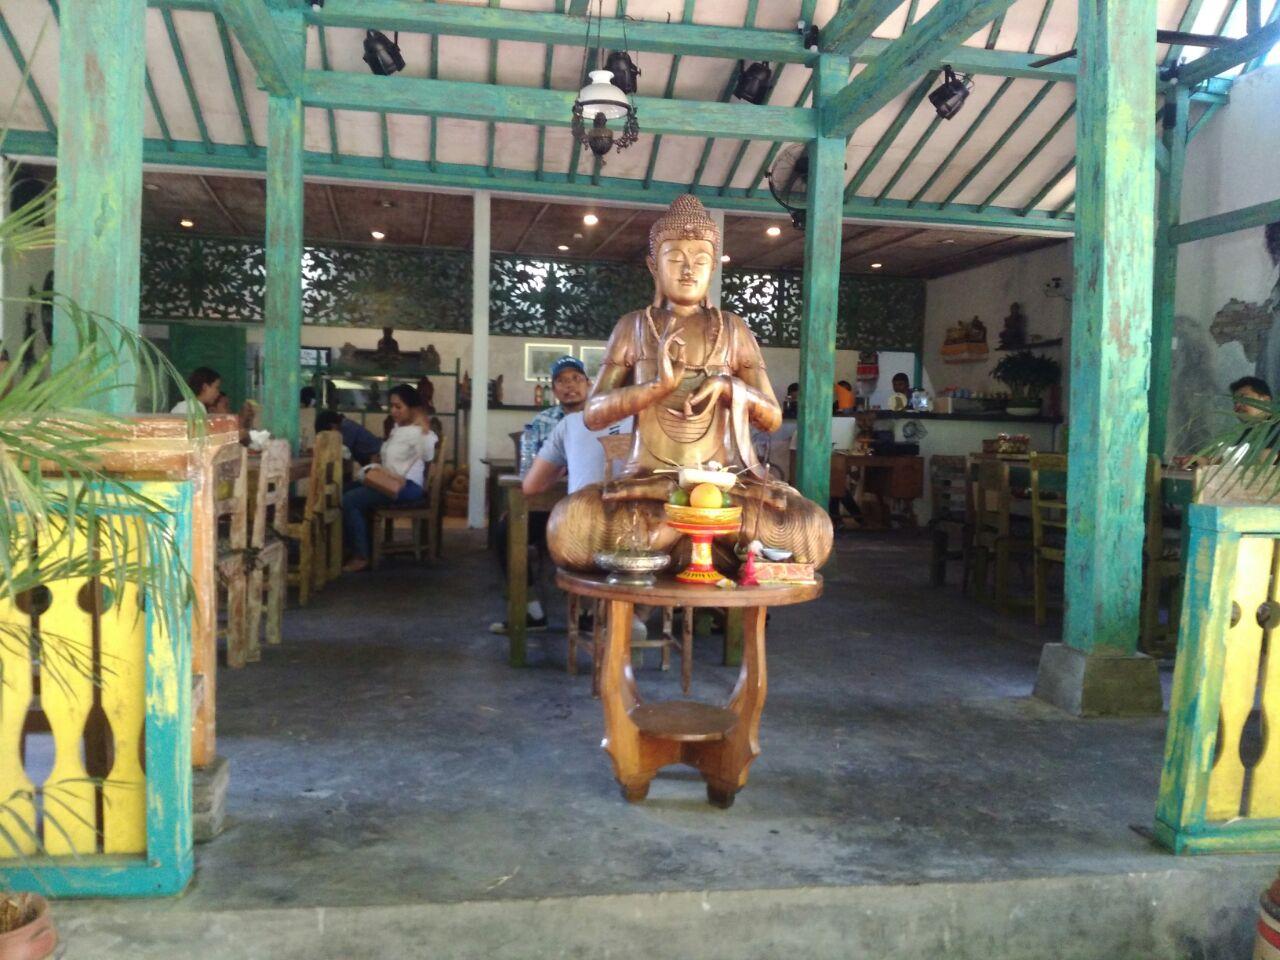 The nasi campur. Balipicturenews.com